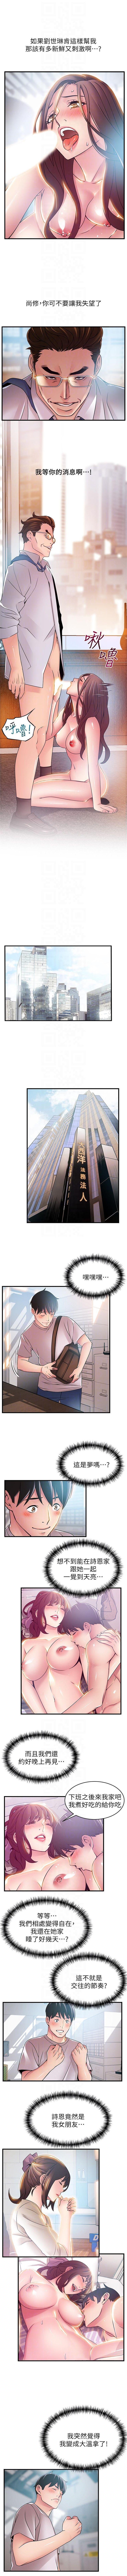 (週7)弱點 1-76 中文翻譯(更新中) 230